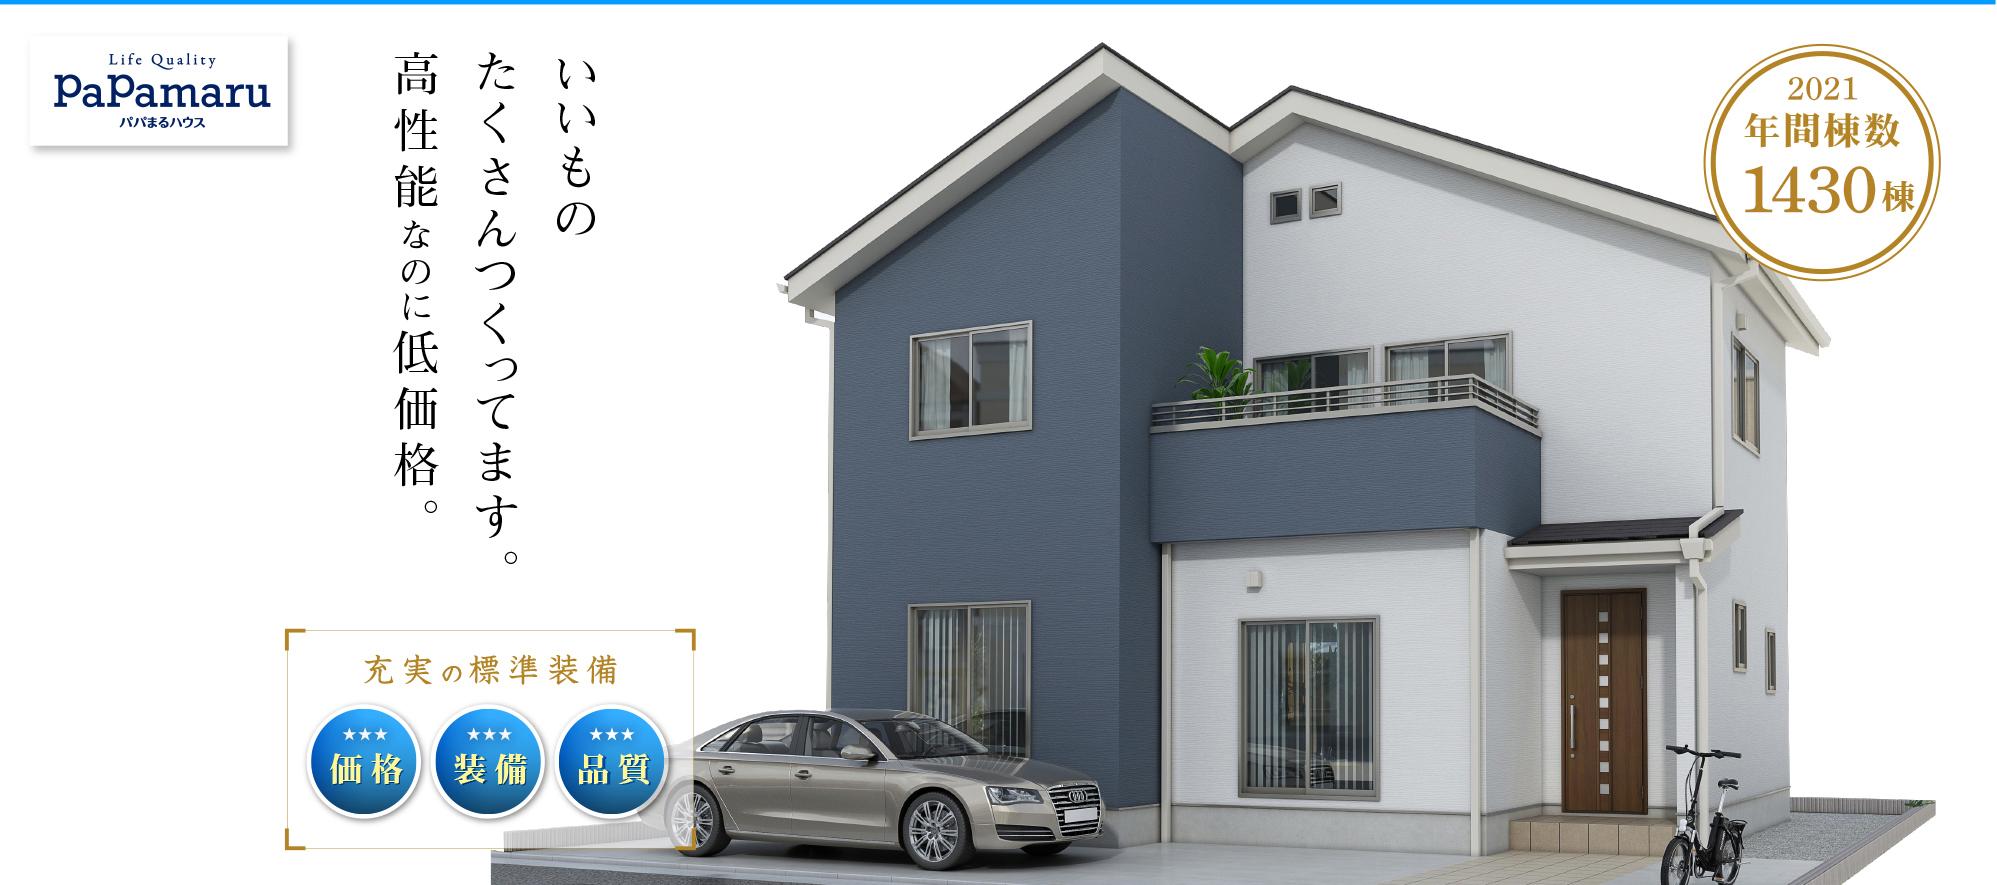 今までの住まいの基準を超えたハイクオリティー住宅。